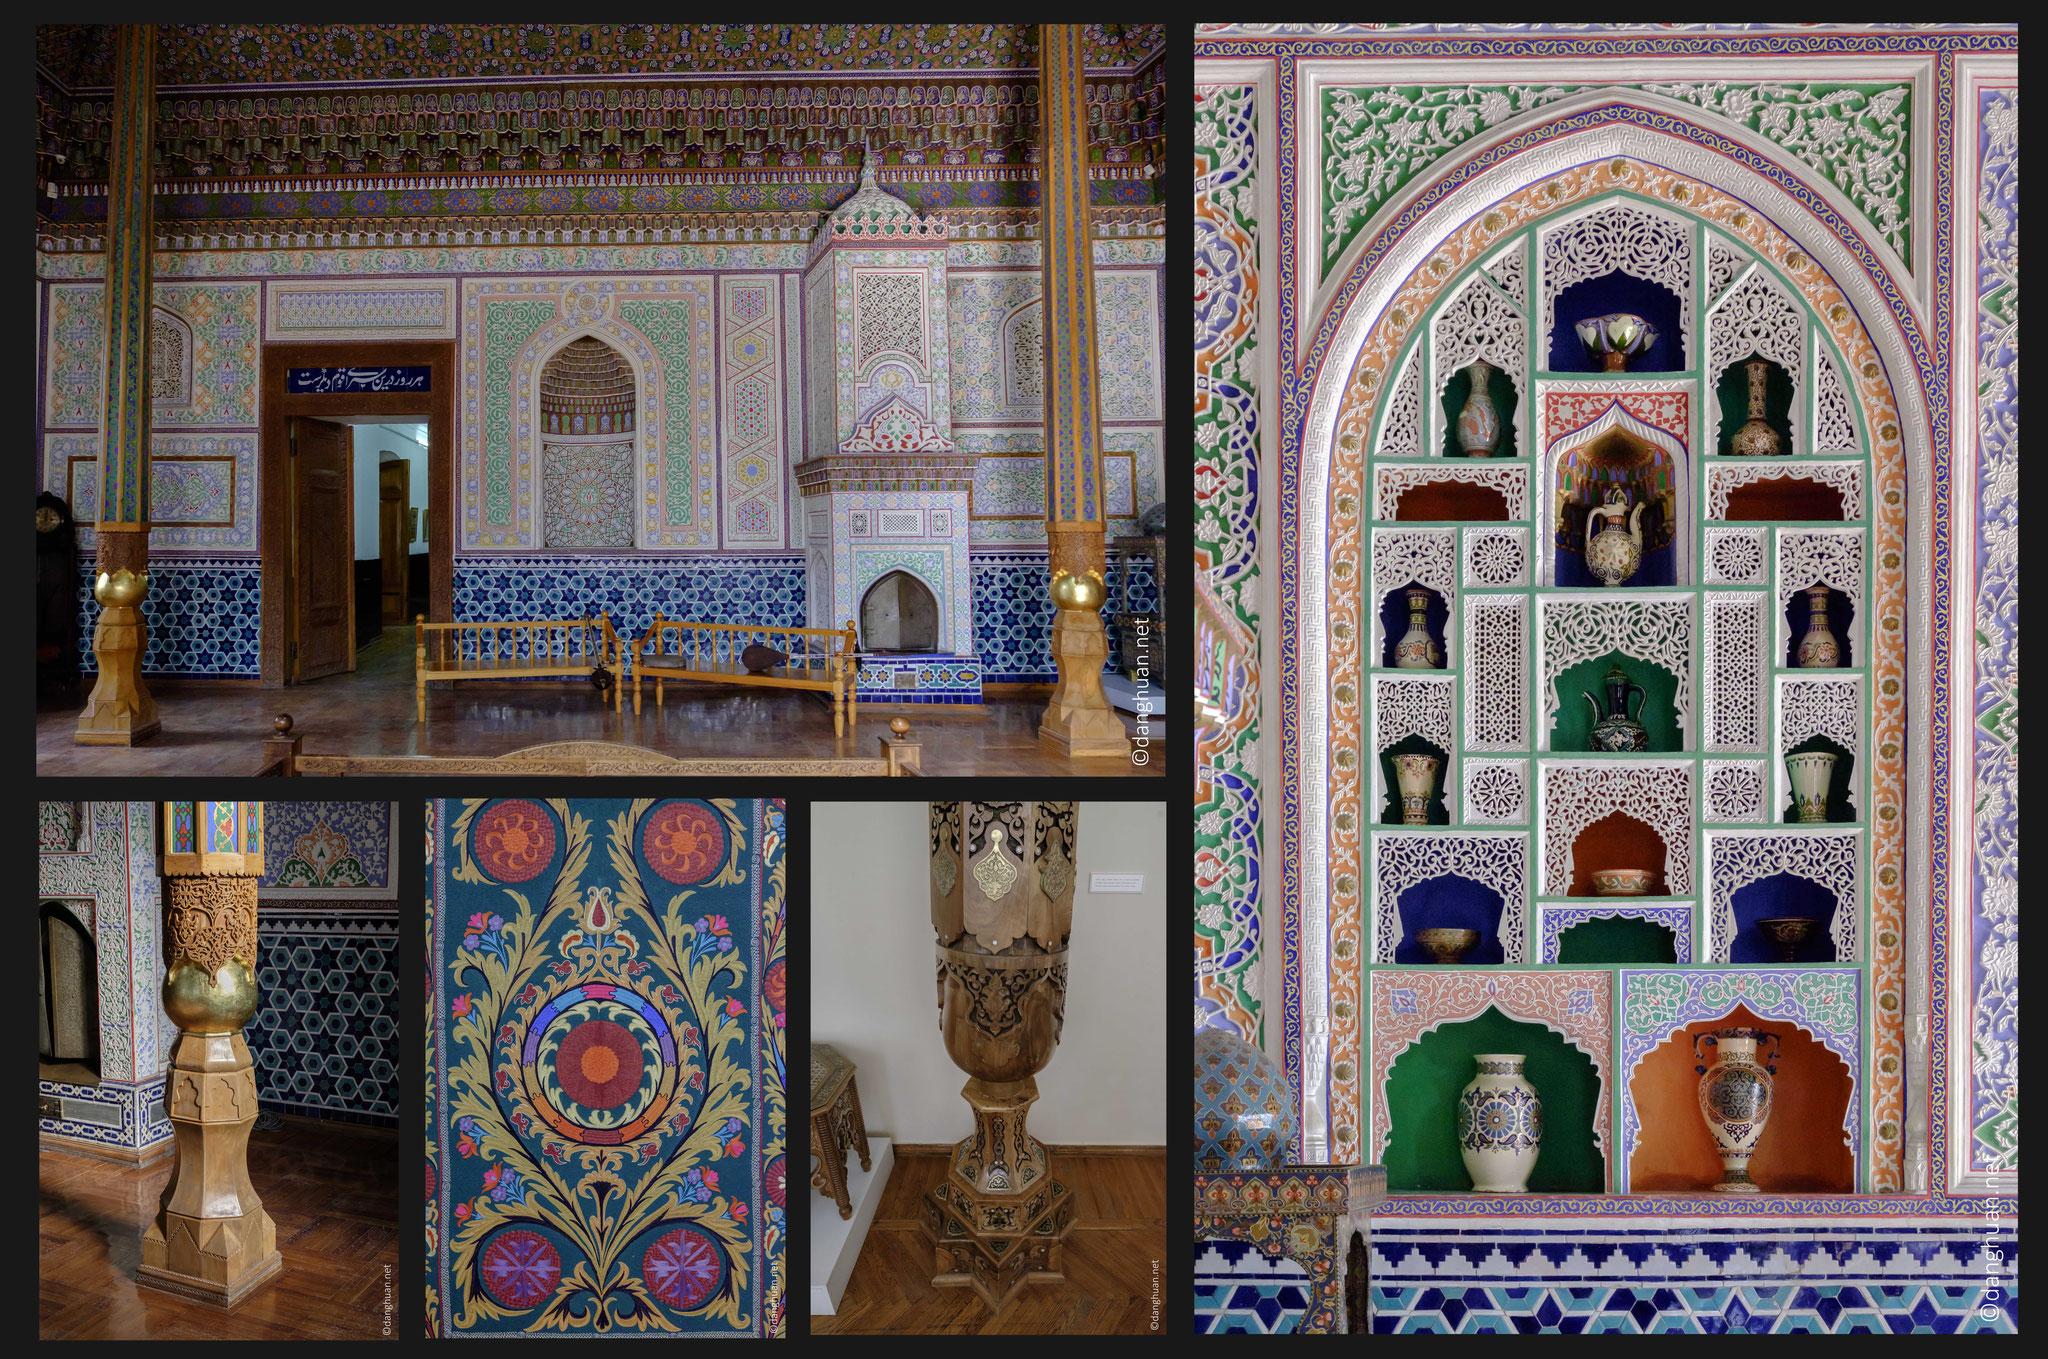 """Musée des arts appliqués : dans la salle d'exposition sont présentées les """"suzannés"""" (draps brodés) et """"do pi"""" (calottes brodées), des poteries et des céramiques"""